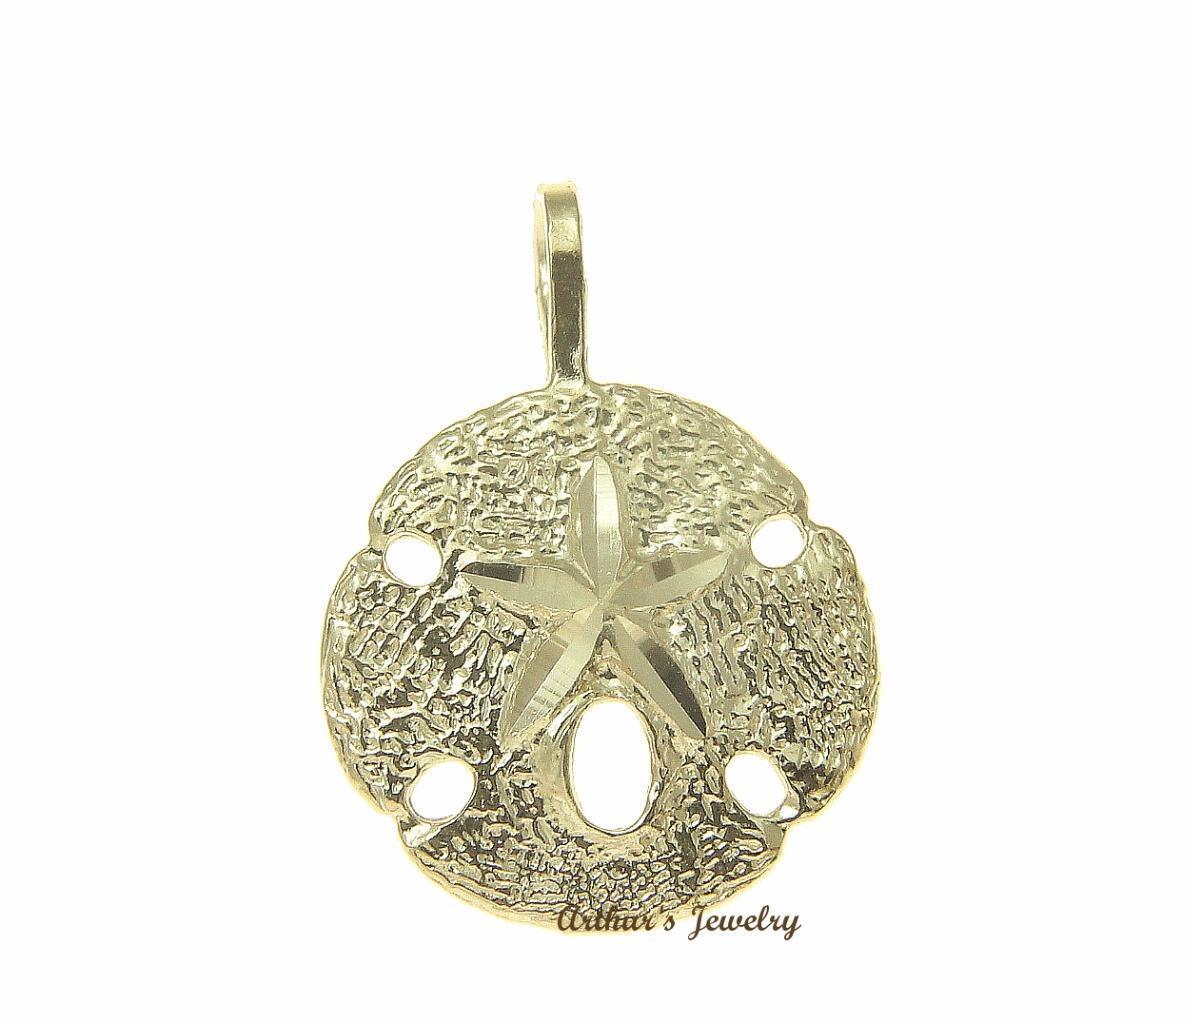 14K oro Giallo Hawaiano Sabbia Dollaro Taglio Taglio Taglio Diamante Oceano Starfish Ciondolo fffbb7